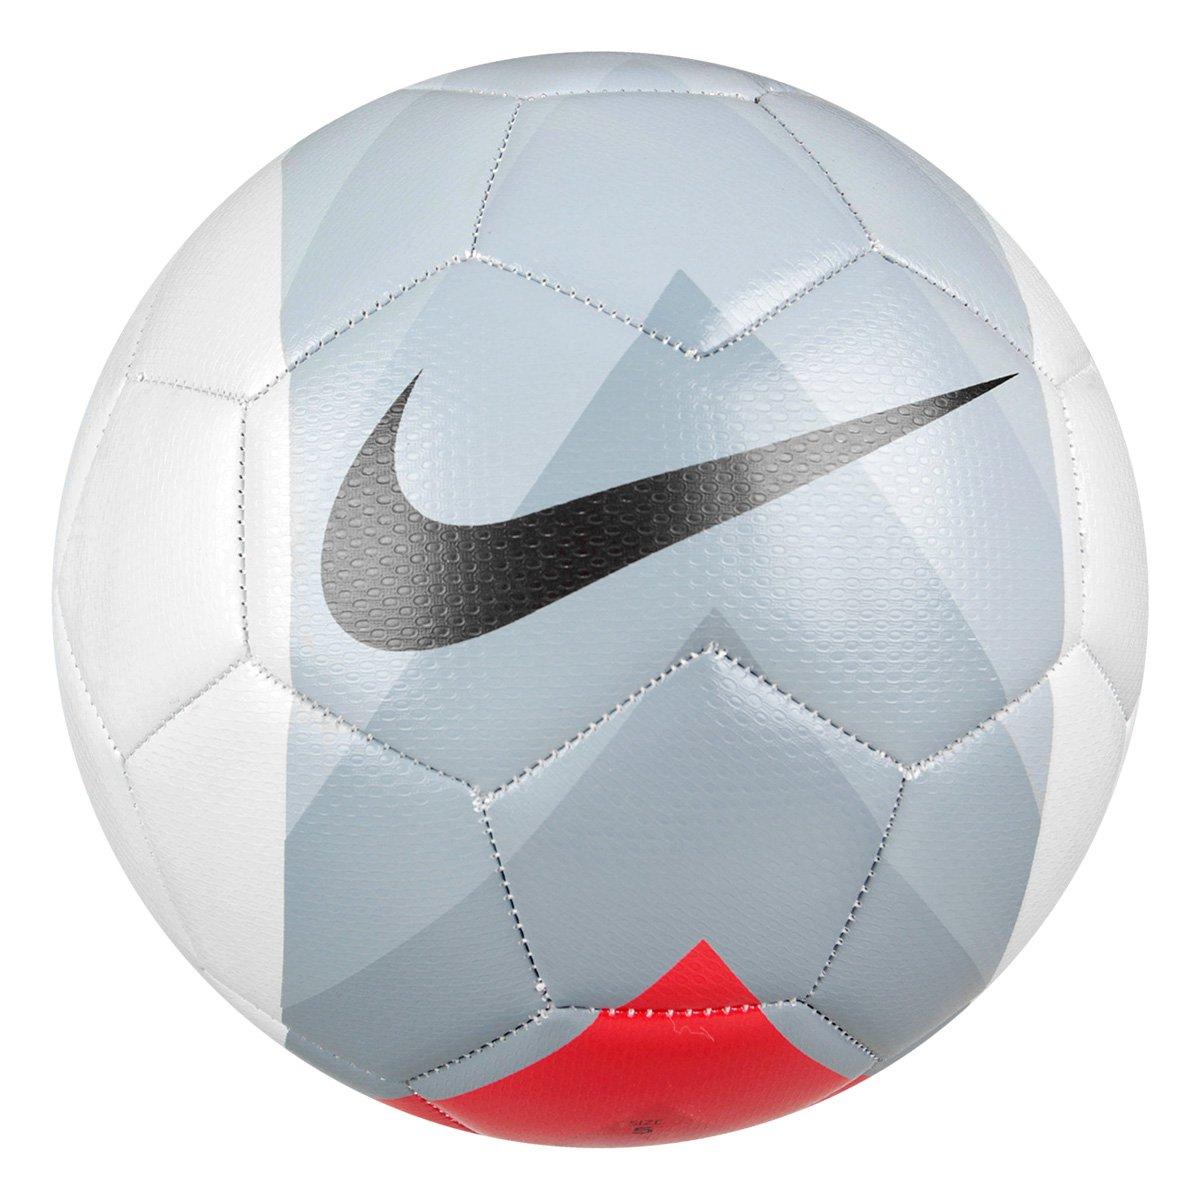 a659ccfc5 Bola Futebol Campo Nike FootballX Strike - Compre Agora